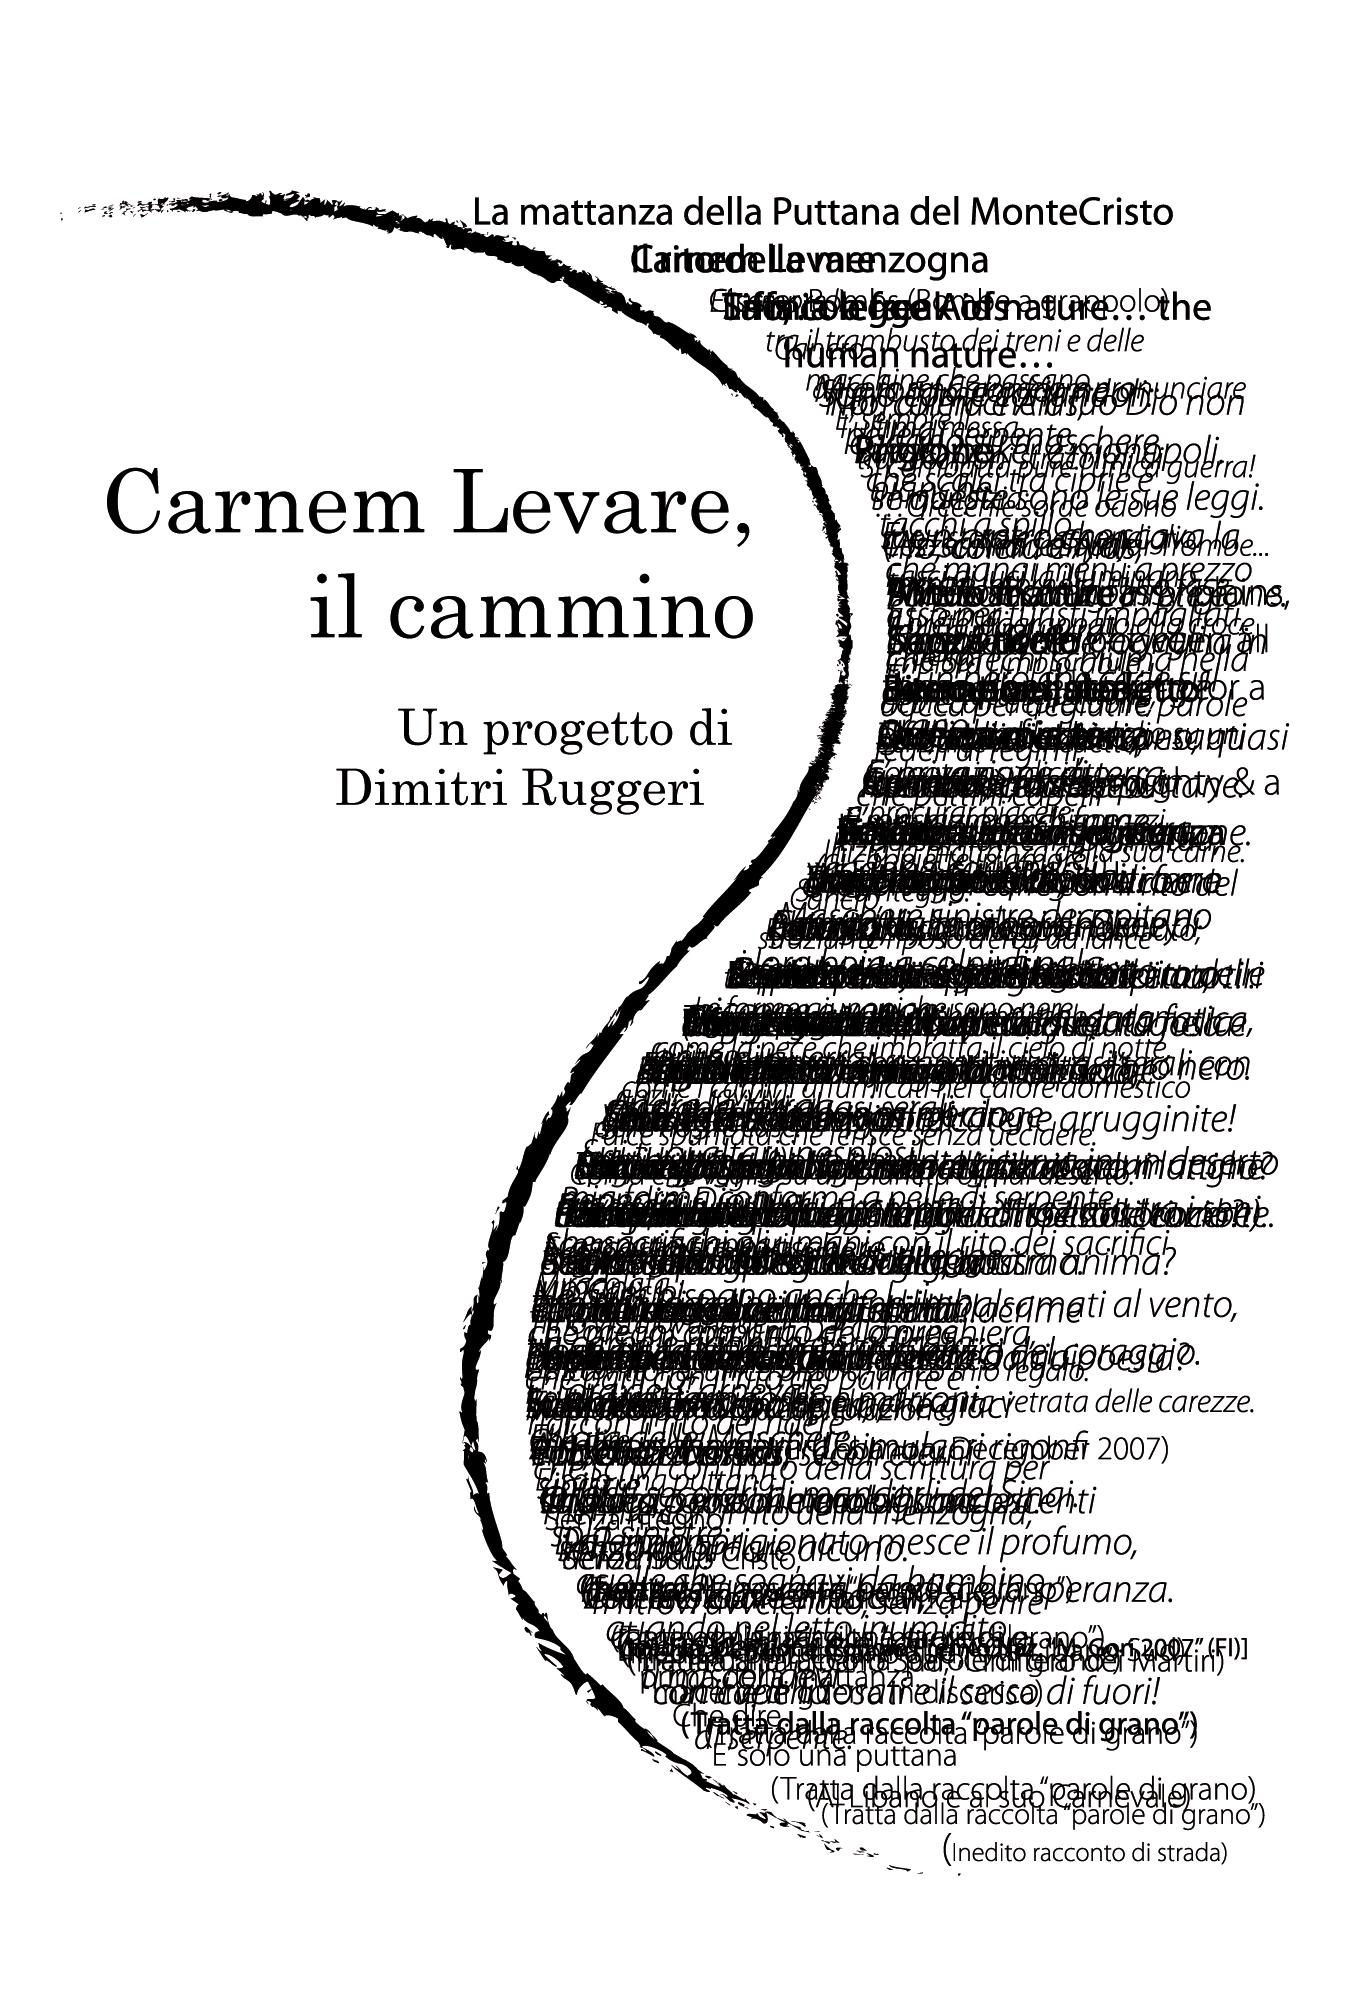 Pescara. Presentazione silloge Carnem Levare, il cammino e progetto DVD Book di Dimitri Ruggeri